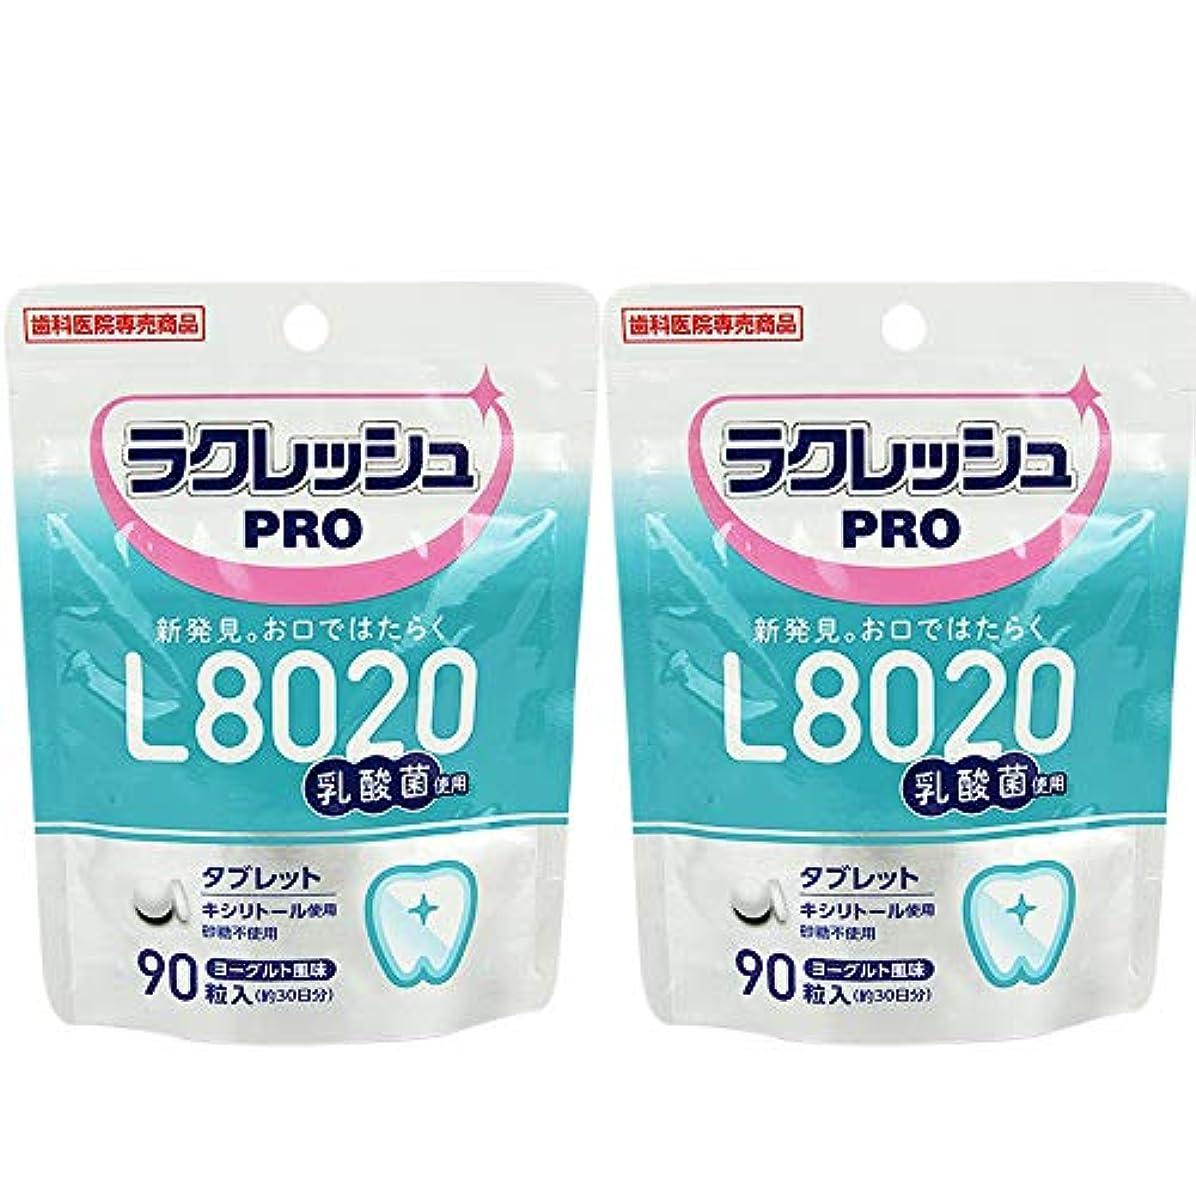 疲労成分苦しみL8020 乳酸菌 ラクレッシュ PRO タブレット 90粒 × 2個 歯科専売品